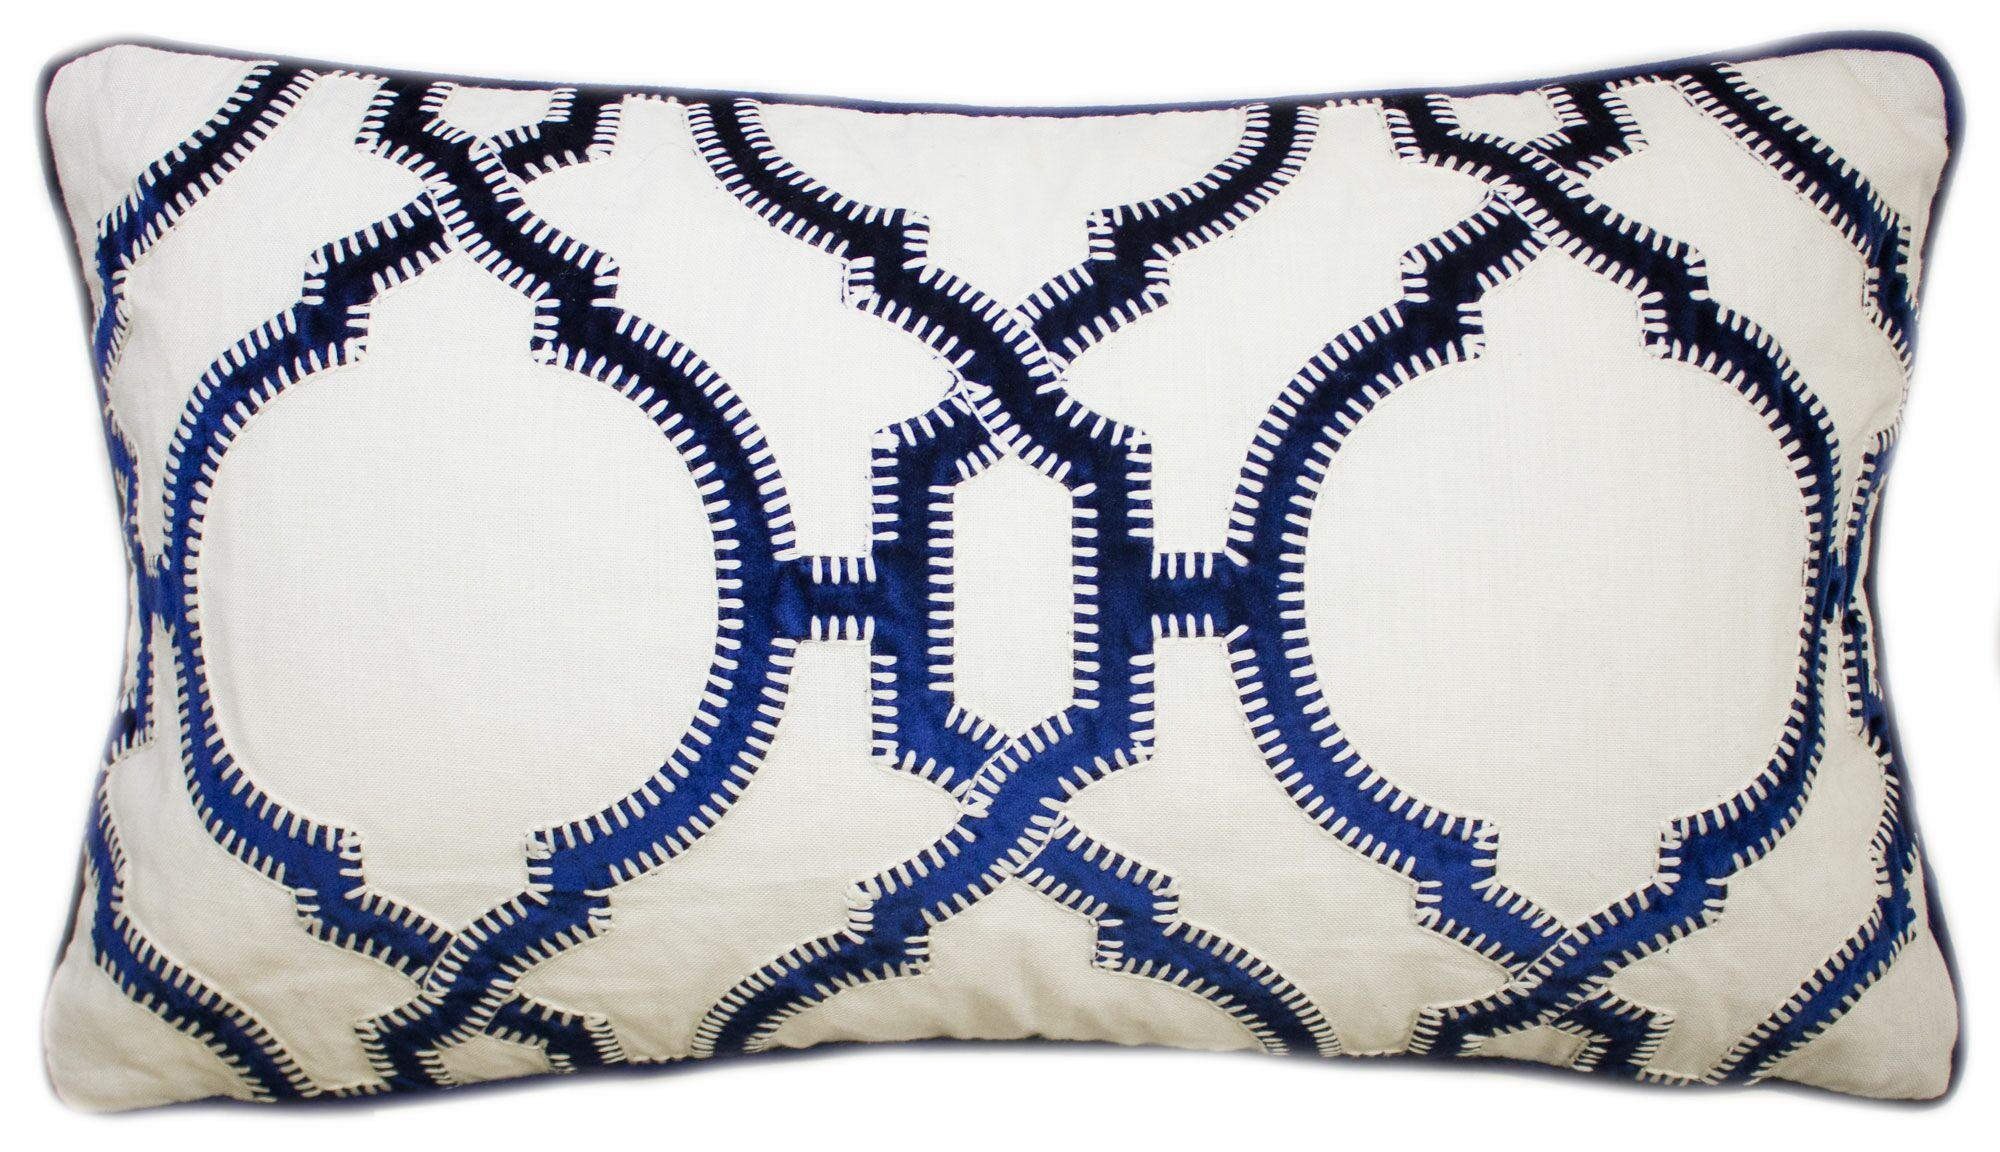 Cadbury Embroidered Lumbar Pillow Color: Navy